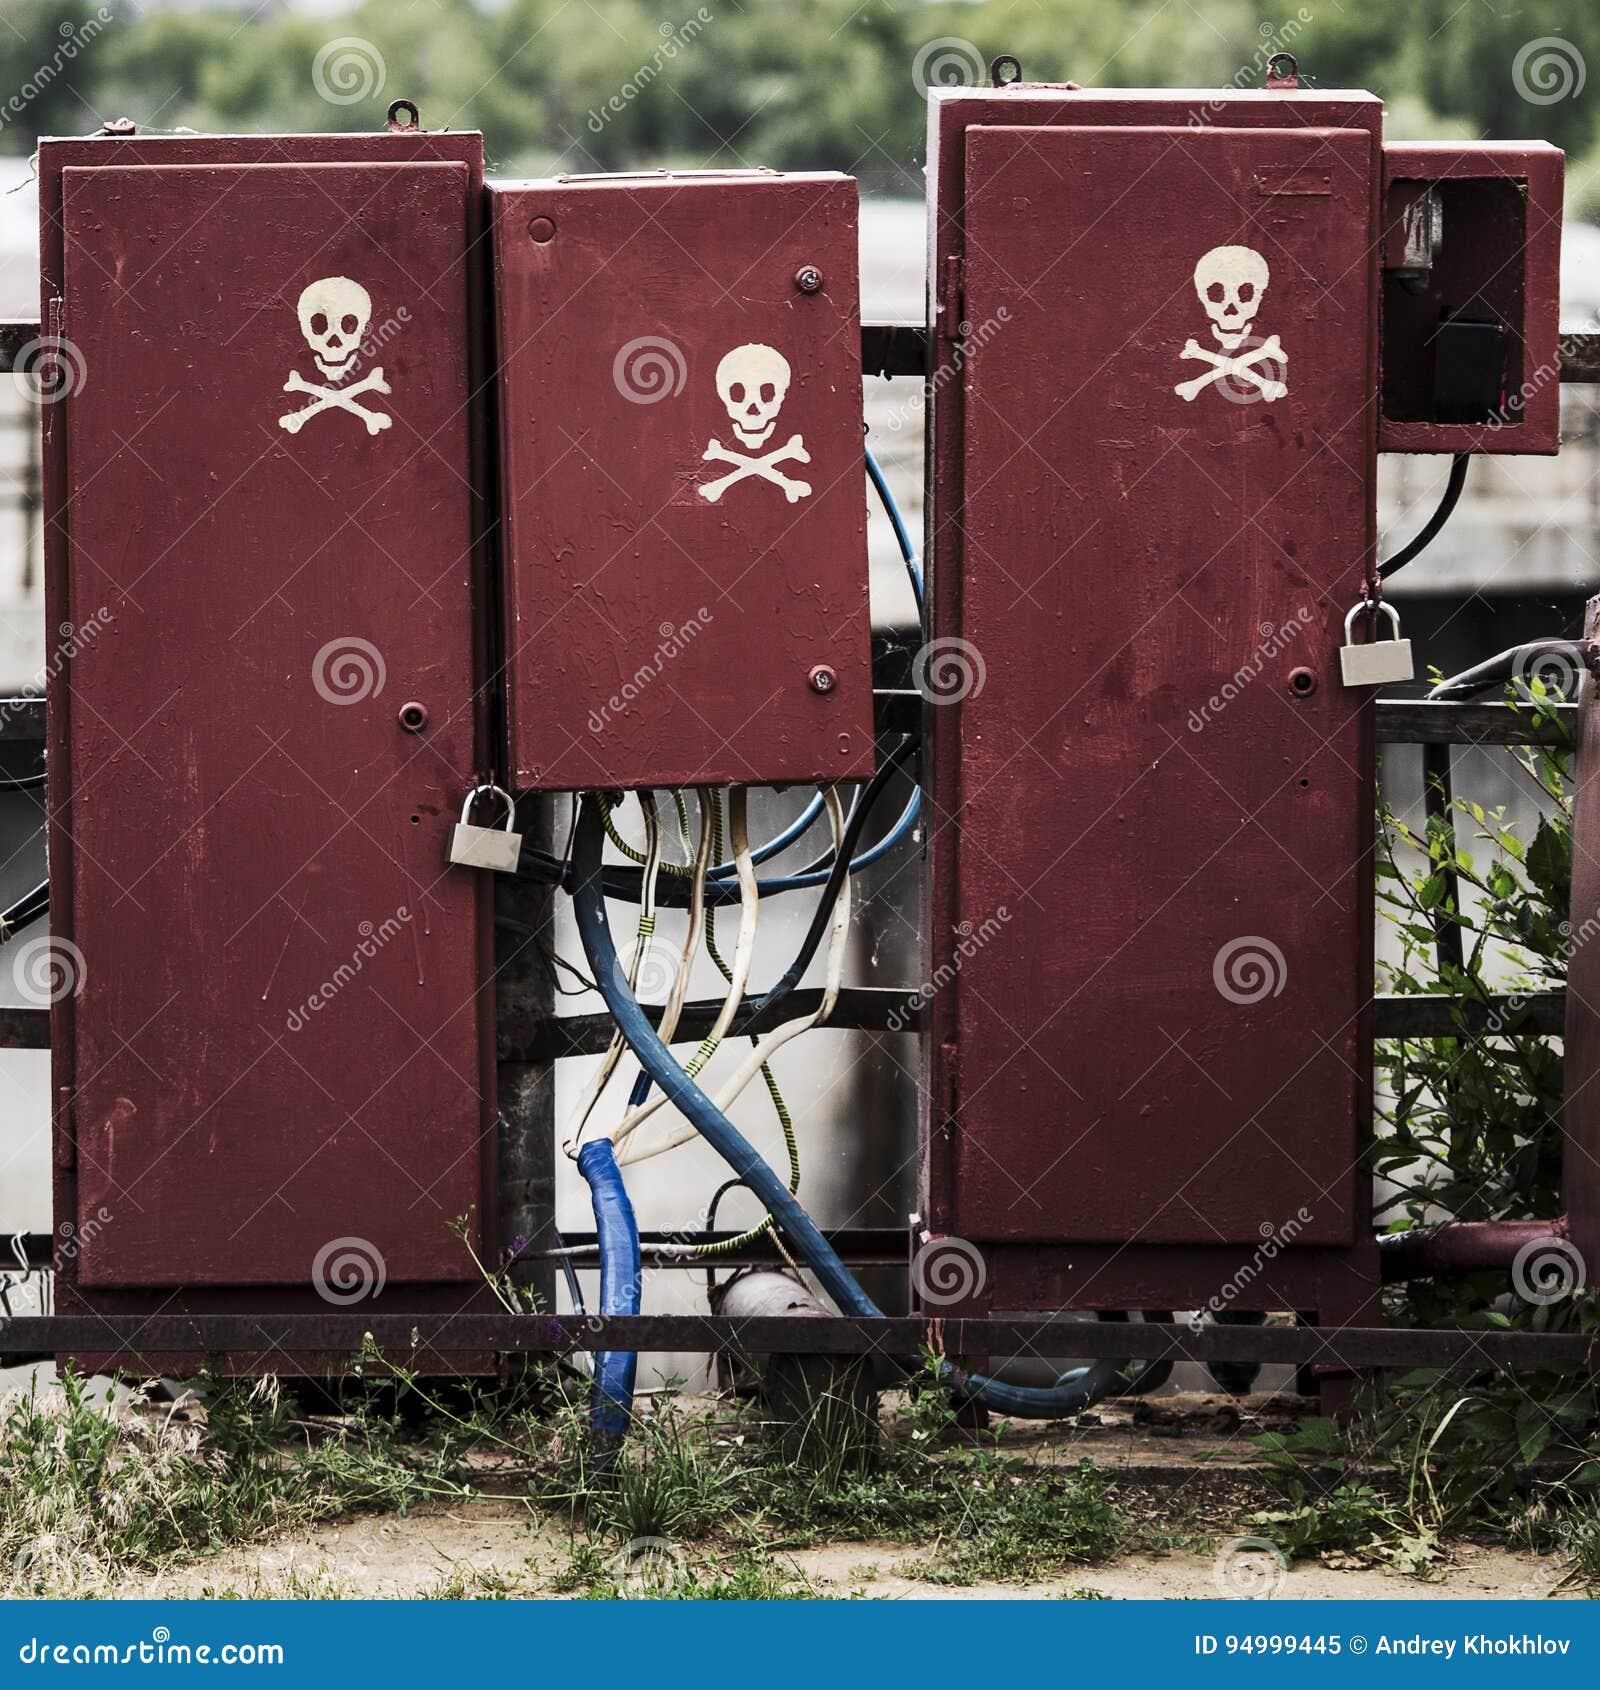 Ziemlich Maschendrahtumwandlung Ideen - Elektrische Schaltplan-Ideen ...